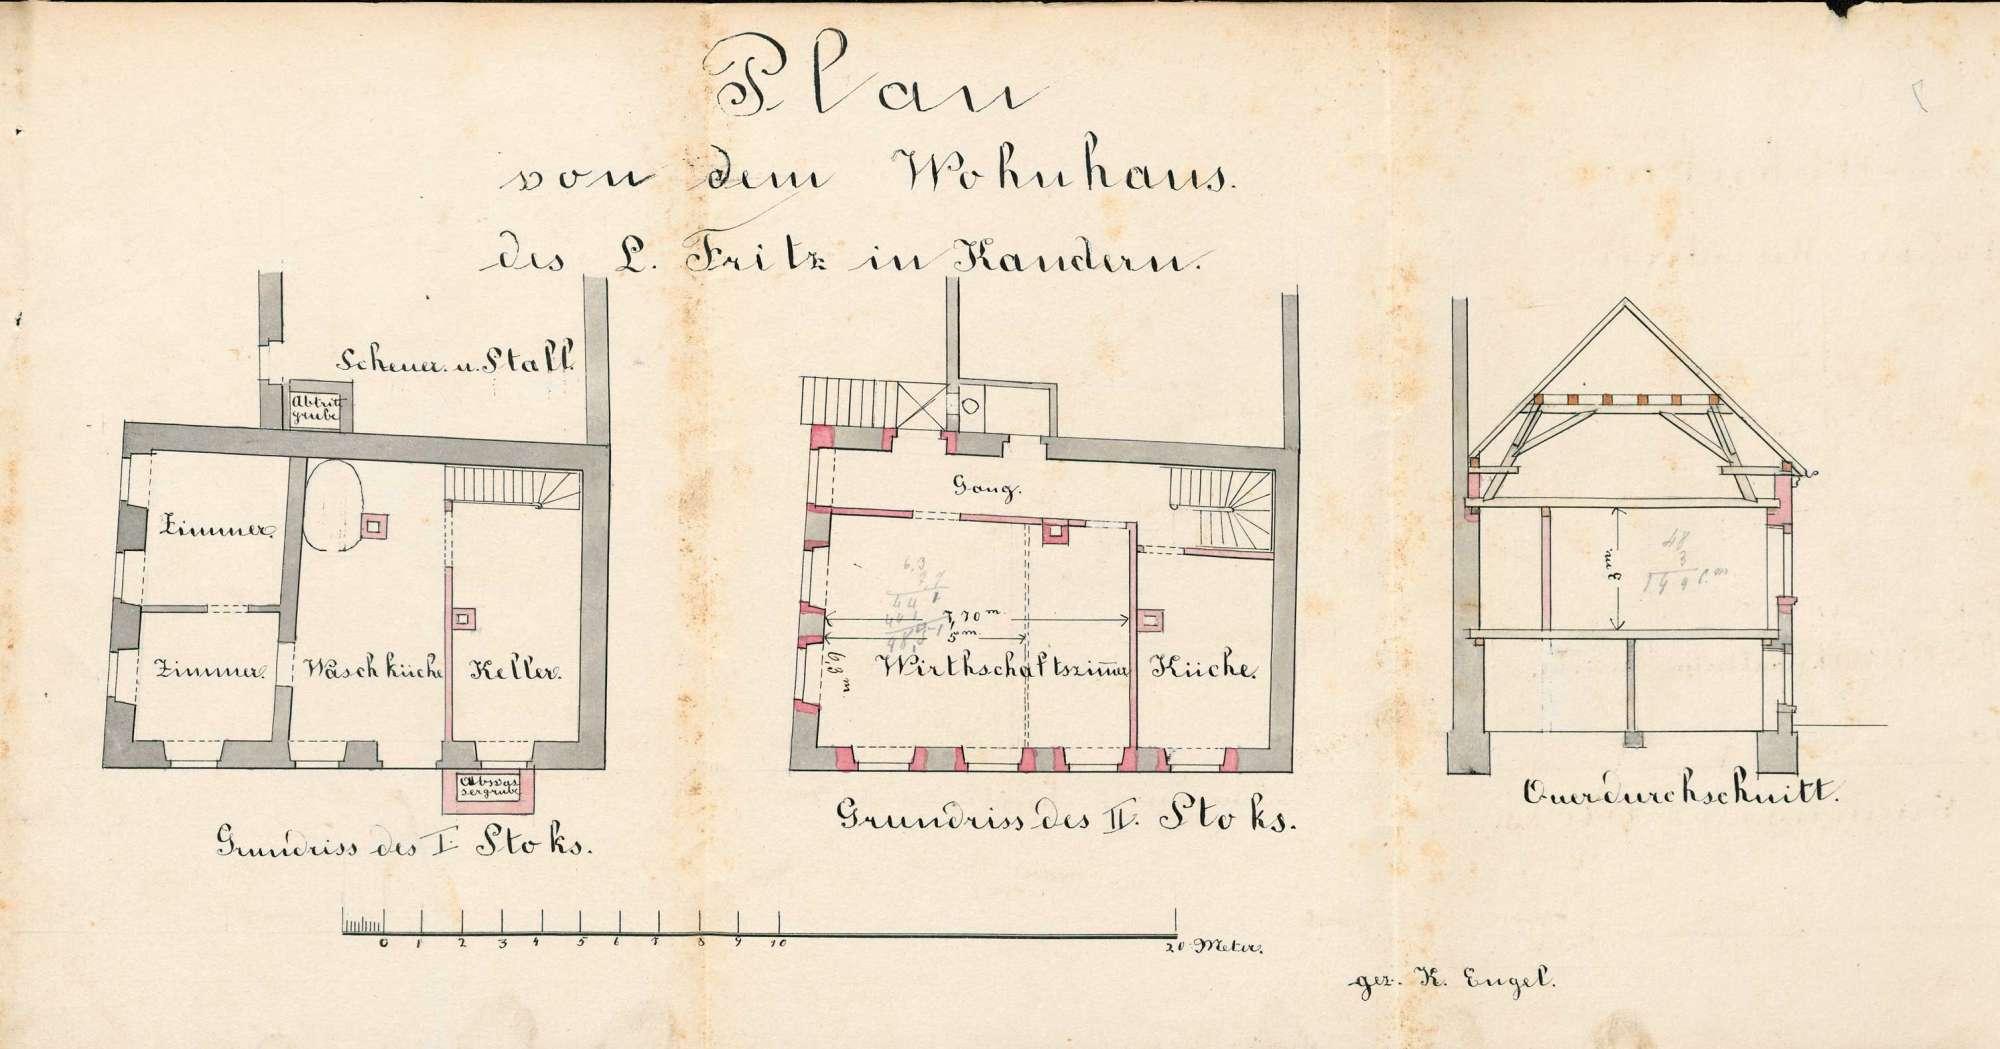 Gesuch des Lorenz Fritz um Erlaubnis zum Betrieb einer Schankwirtschaft, Bild 1